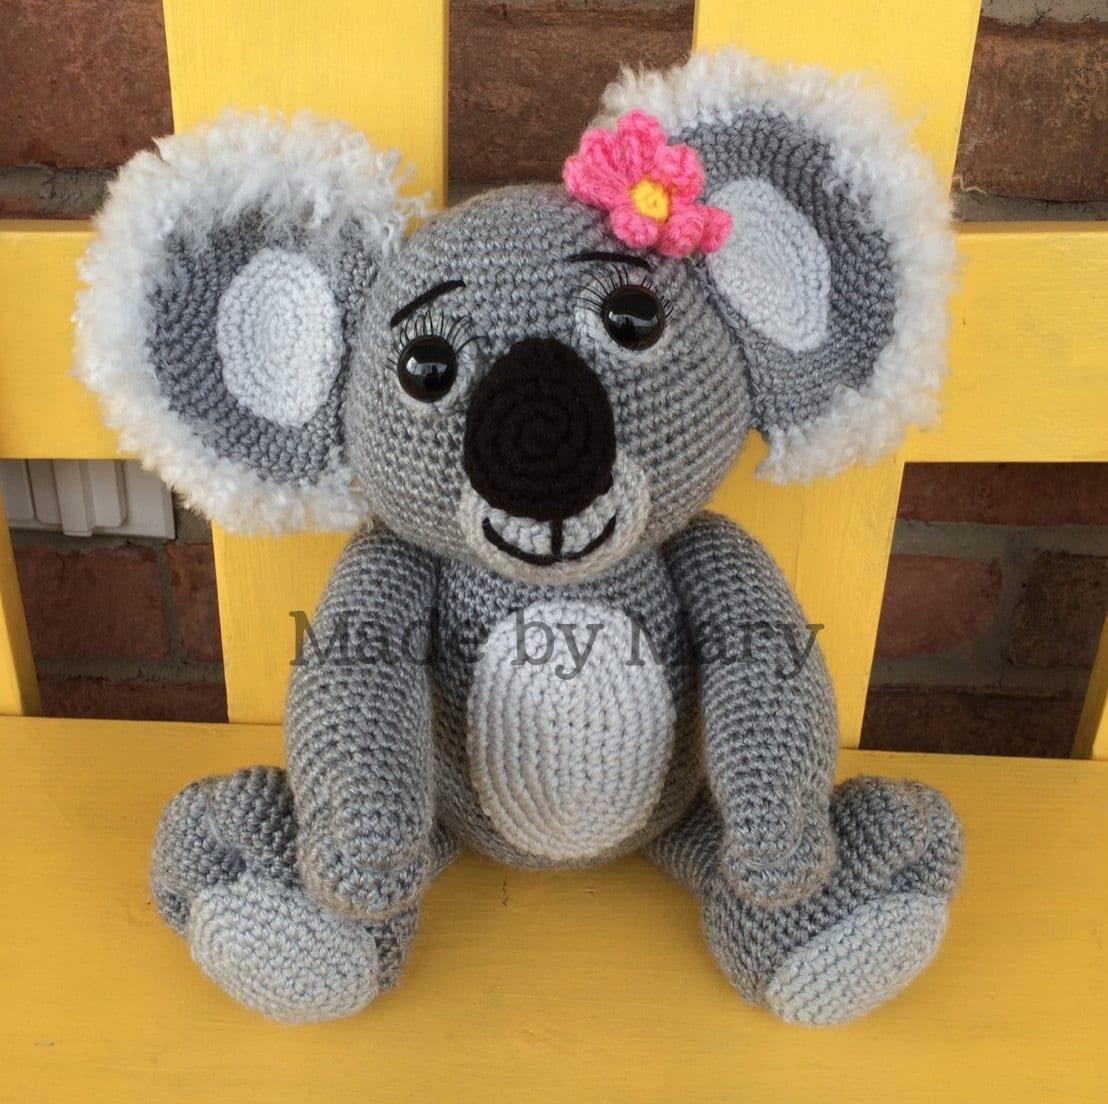 Llavero Koala Amigurumi : Made by Mary by maryabbie986 on Etsy